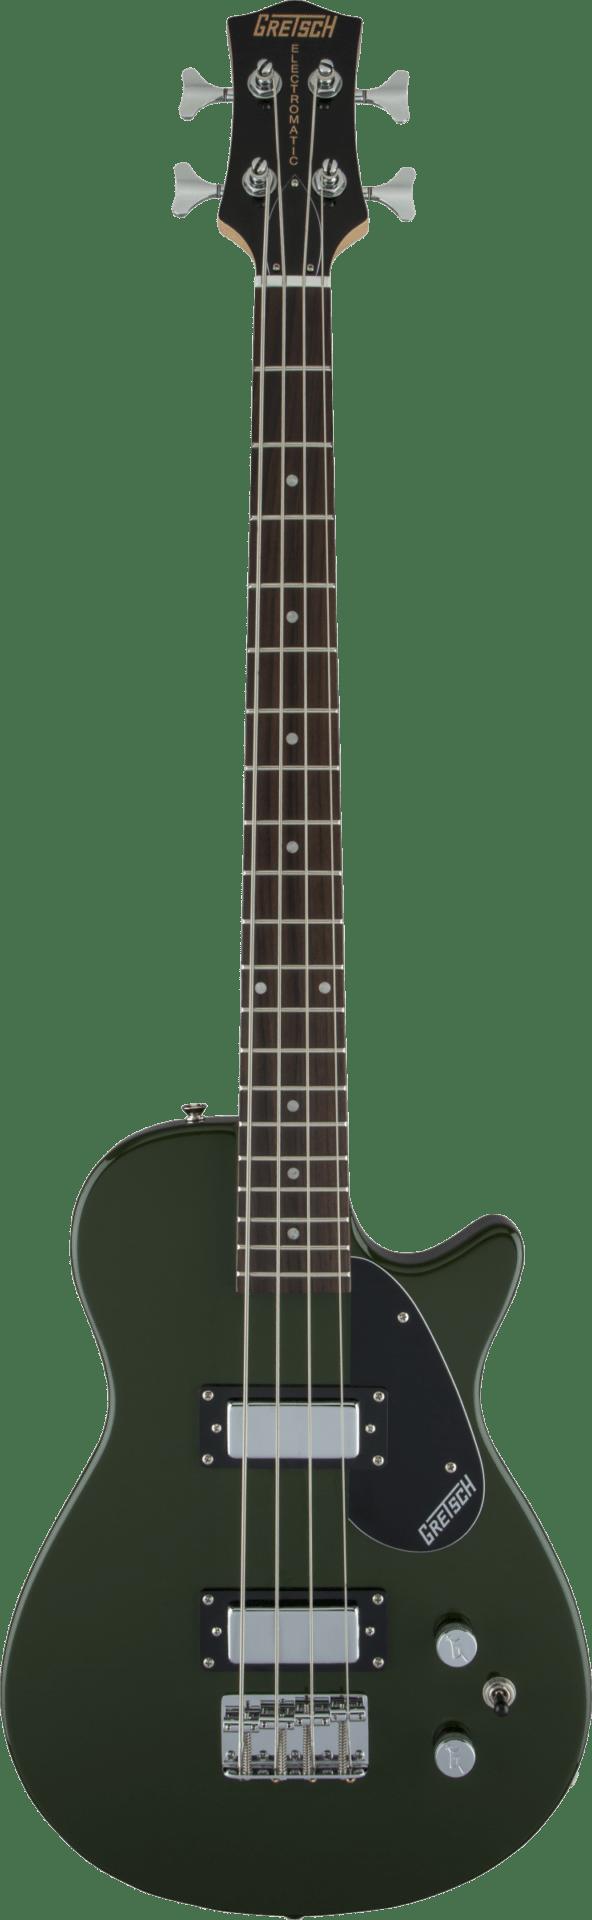 GRETSCH G2220 GREEN